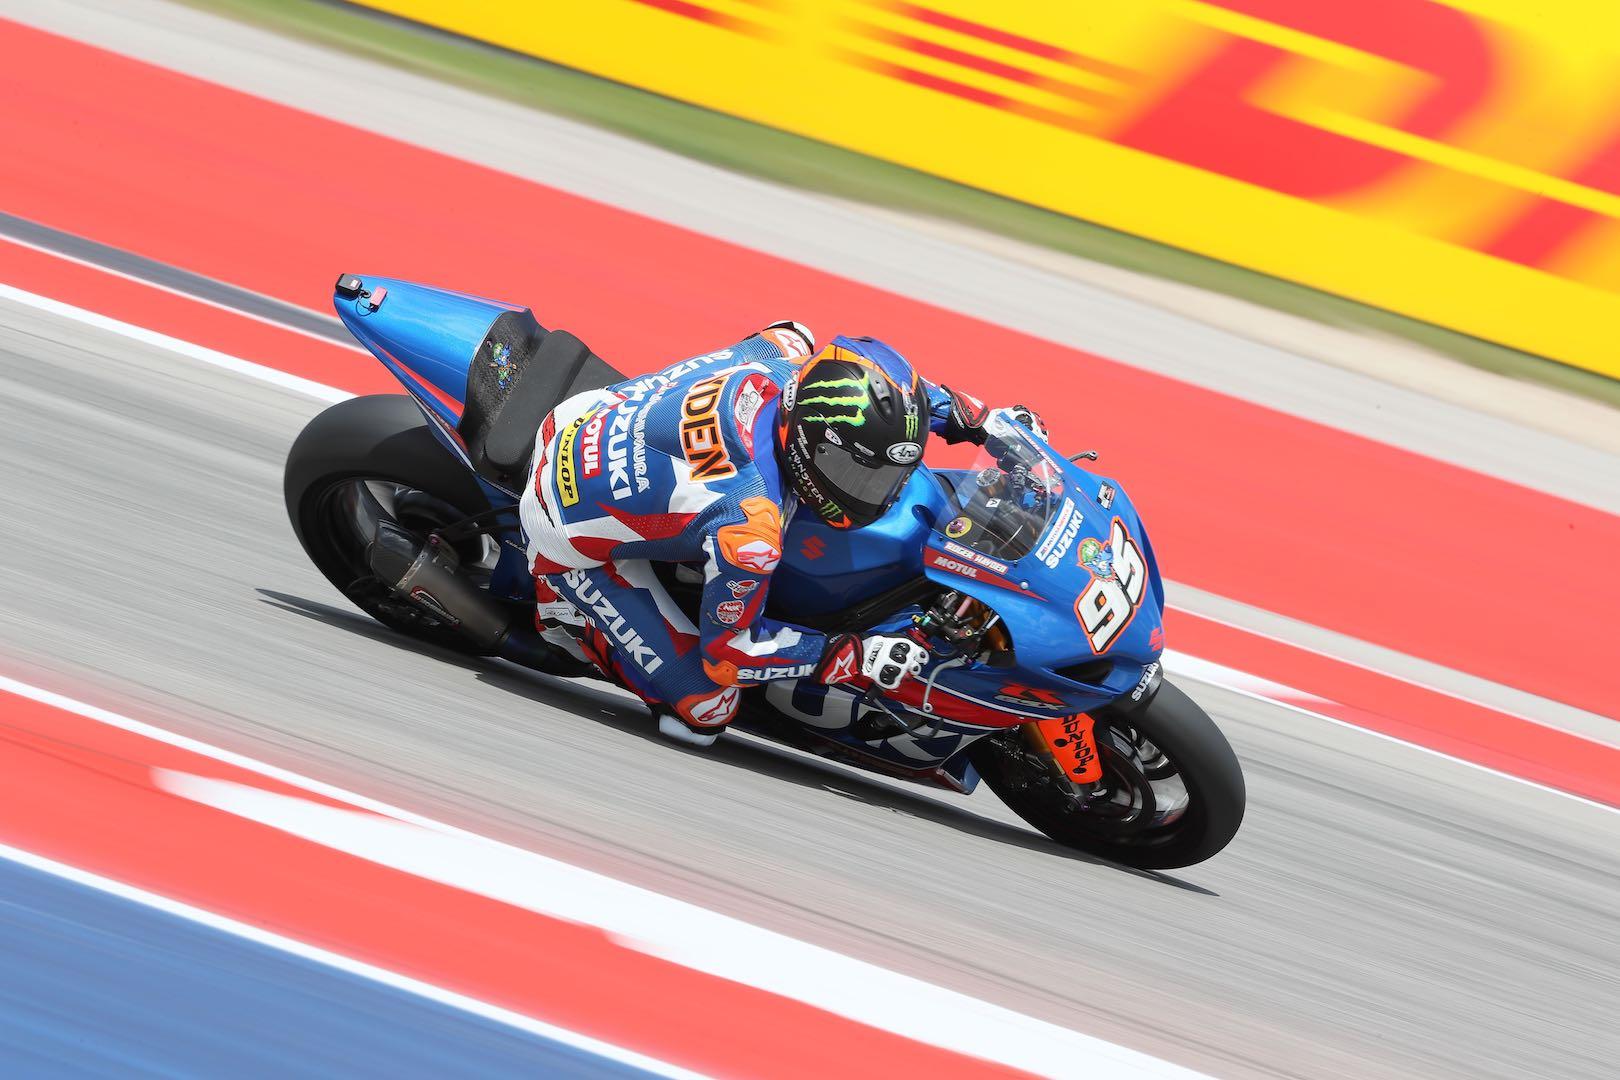 2017 Austin MotoAmerica Qualifying: Suzuki's Roger Lee Hayden